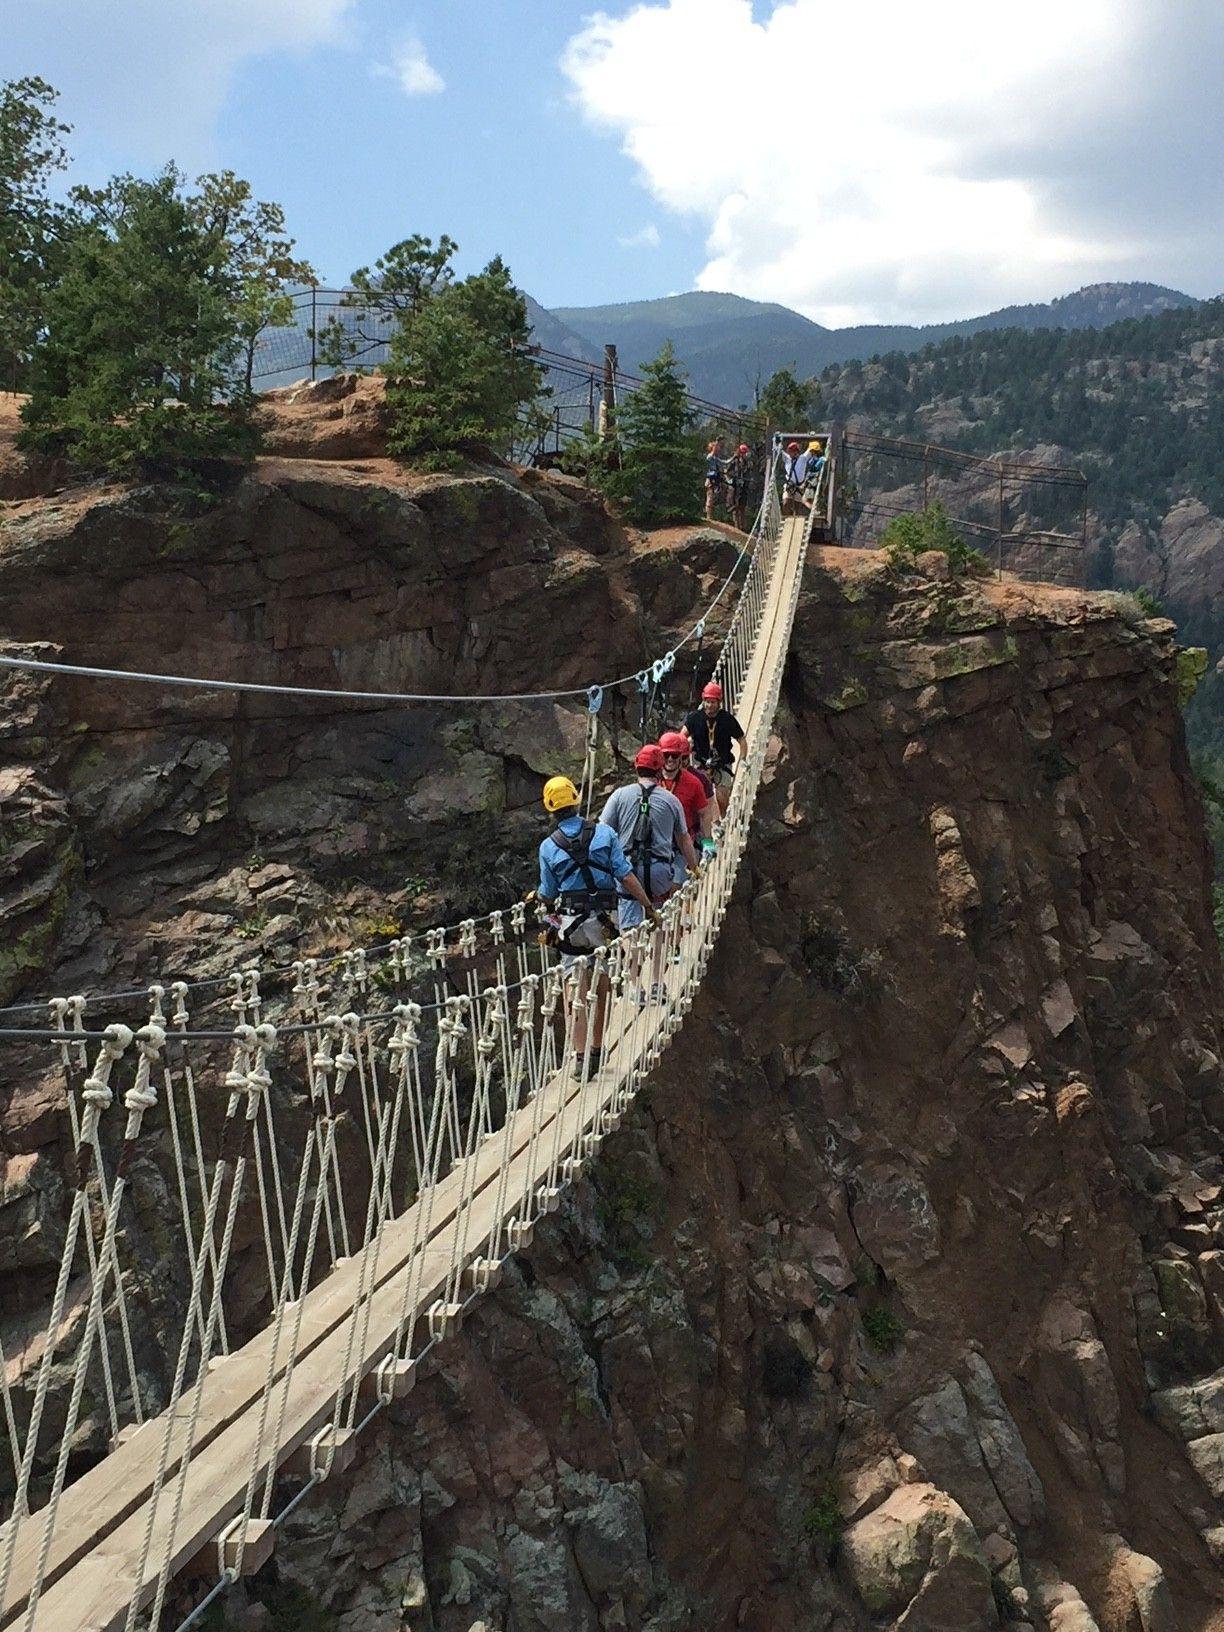 Check Out That Bridge Fins Course Colorado Springs Zipline Coloradosprings Ziplining Colorado Springs Rappelling